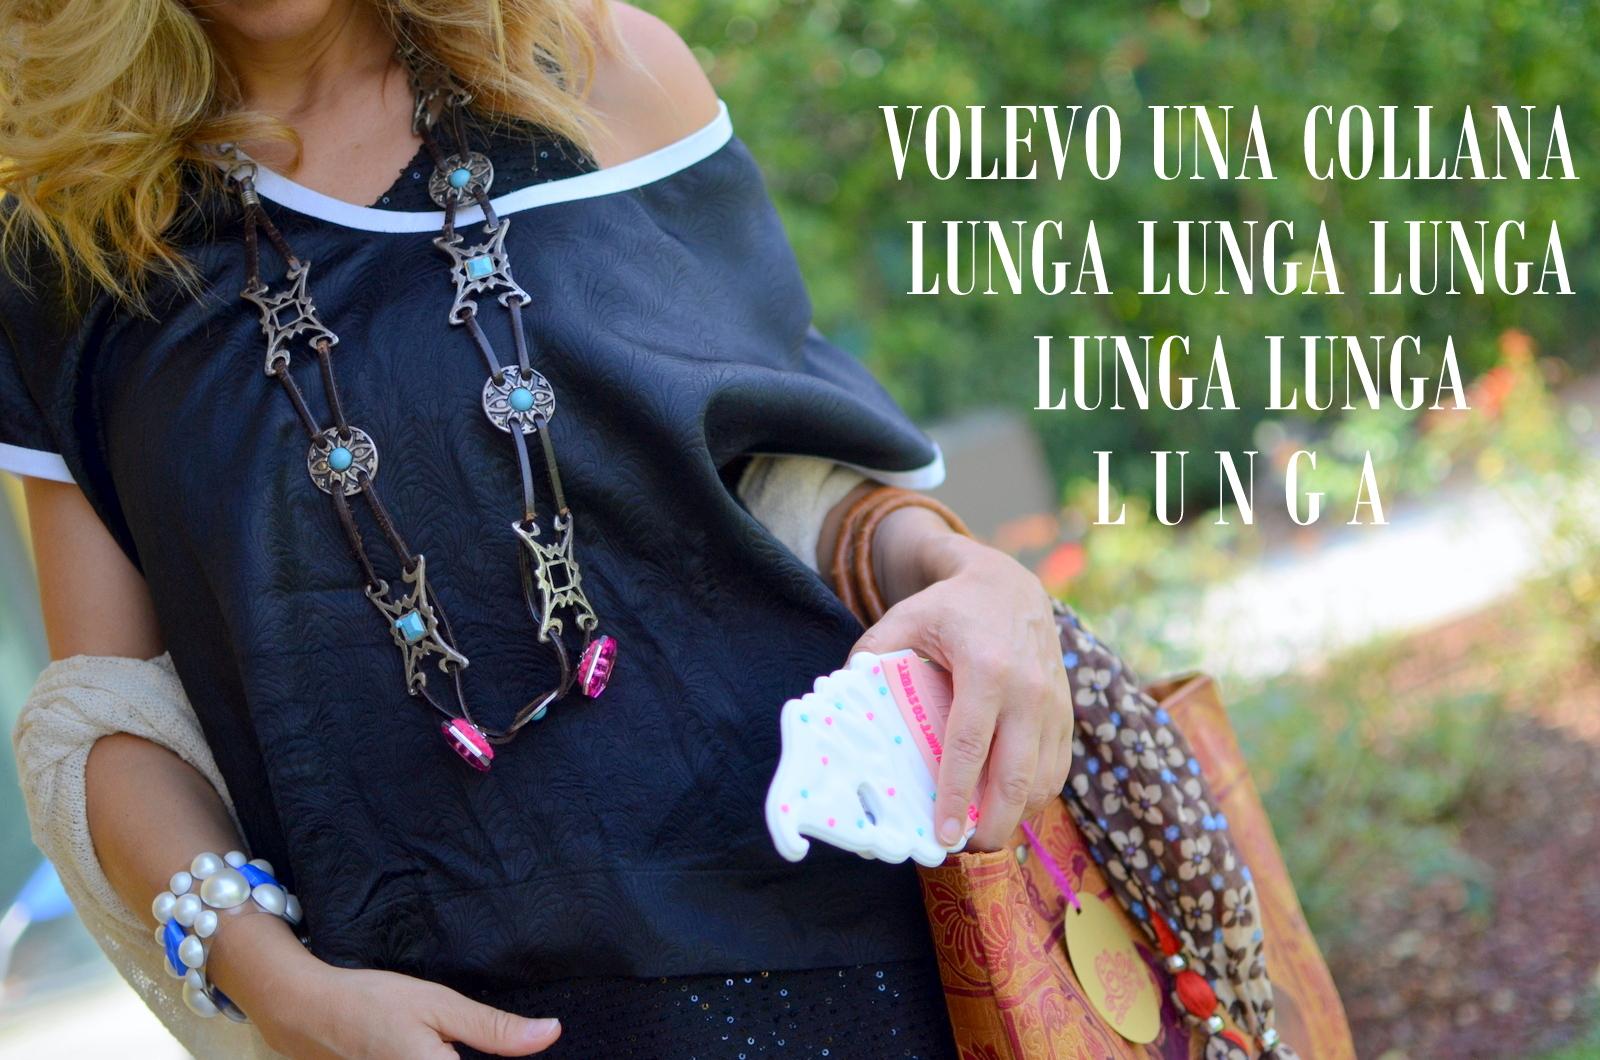 COLLANA CINTURA (2)